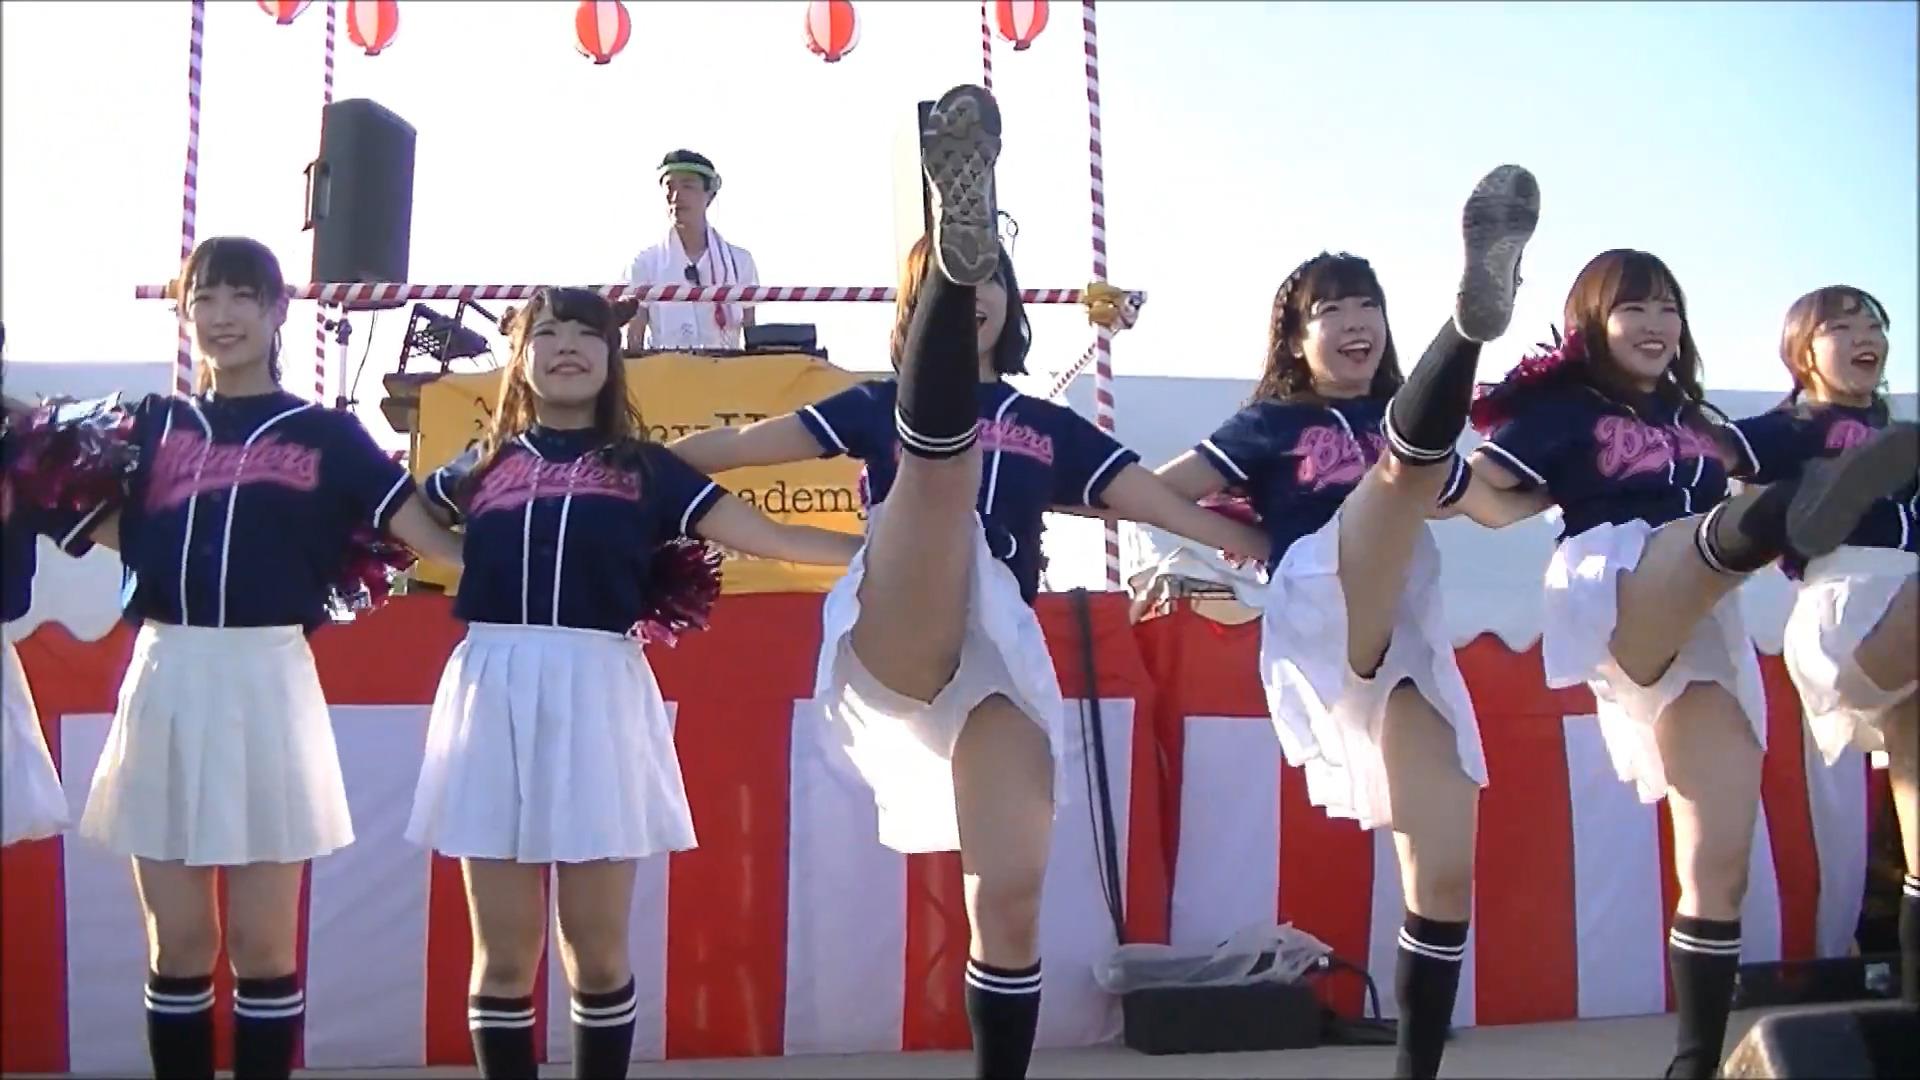 立命館大学チアダンスサークルBLENDERS@Kansai Cheerleader 2017 SummerⅡ 07:31